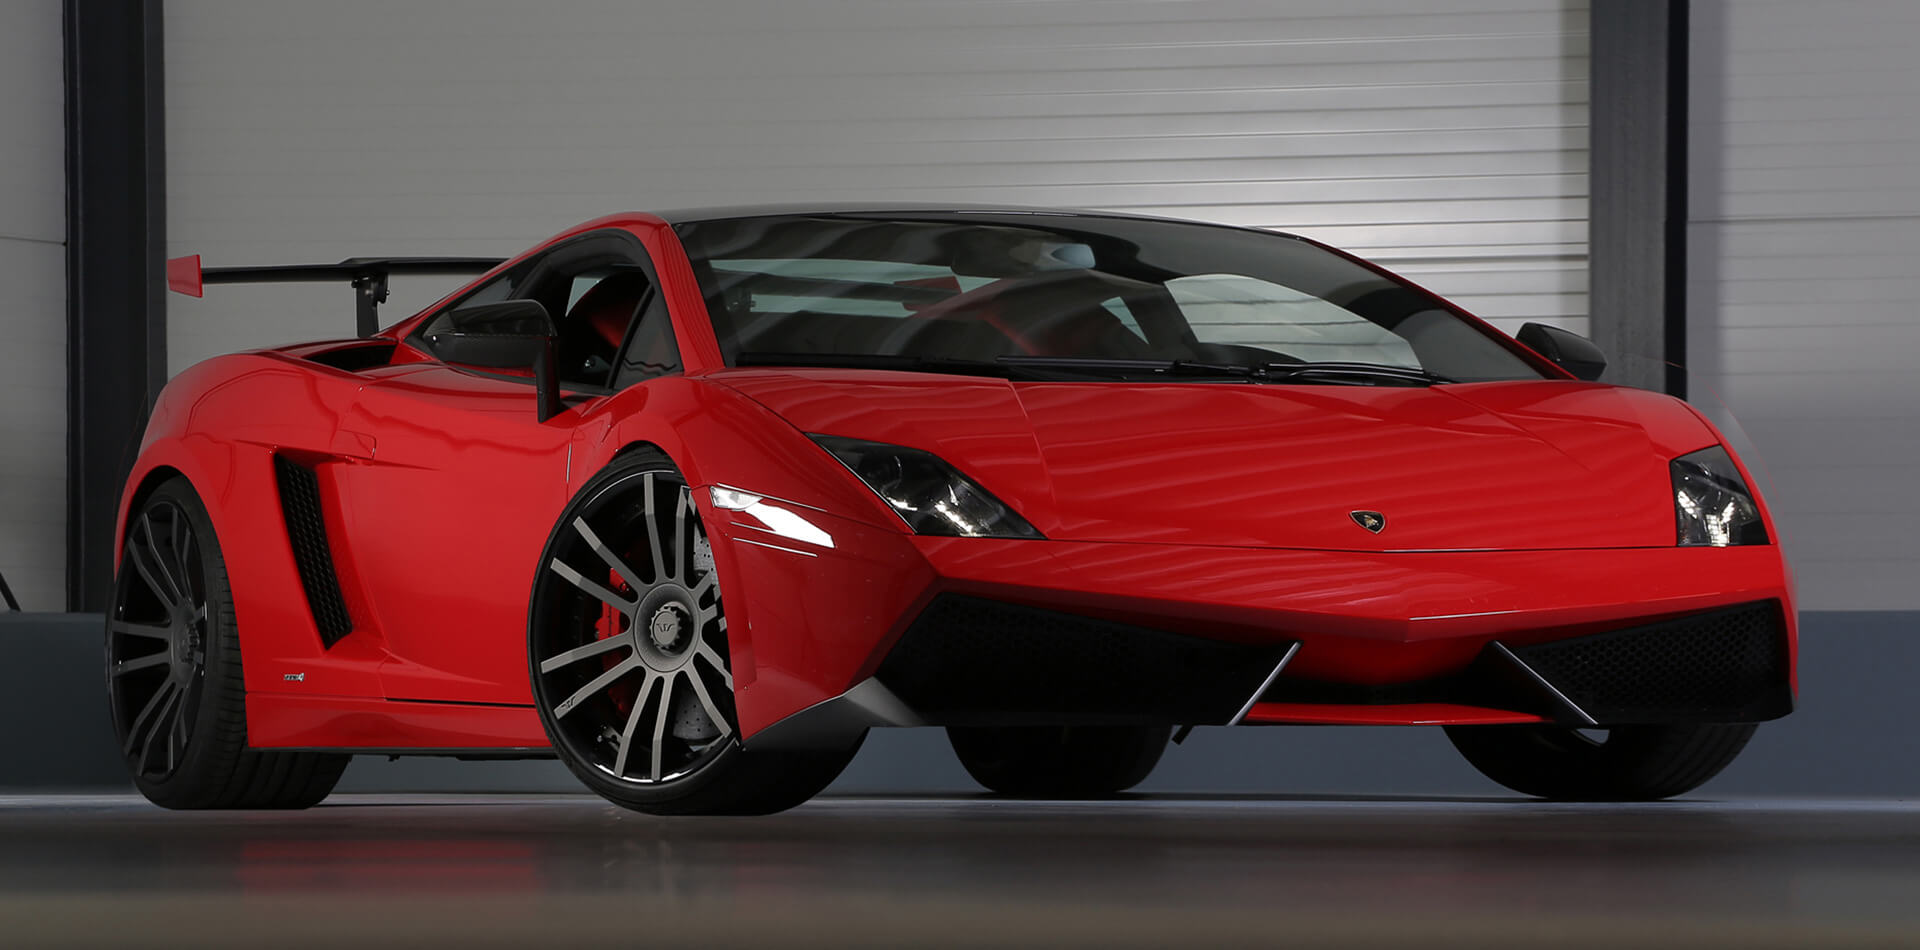 Lamborghini_LP570_21_Zoll_Leistungssteigerung